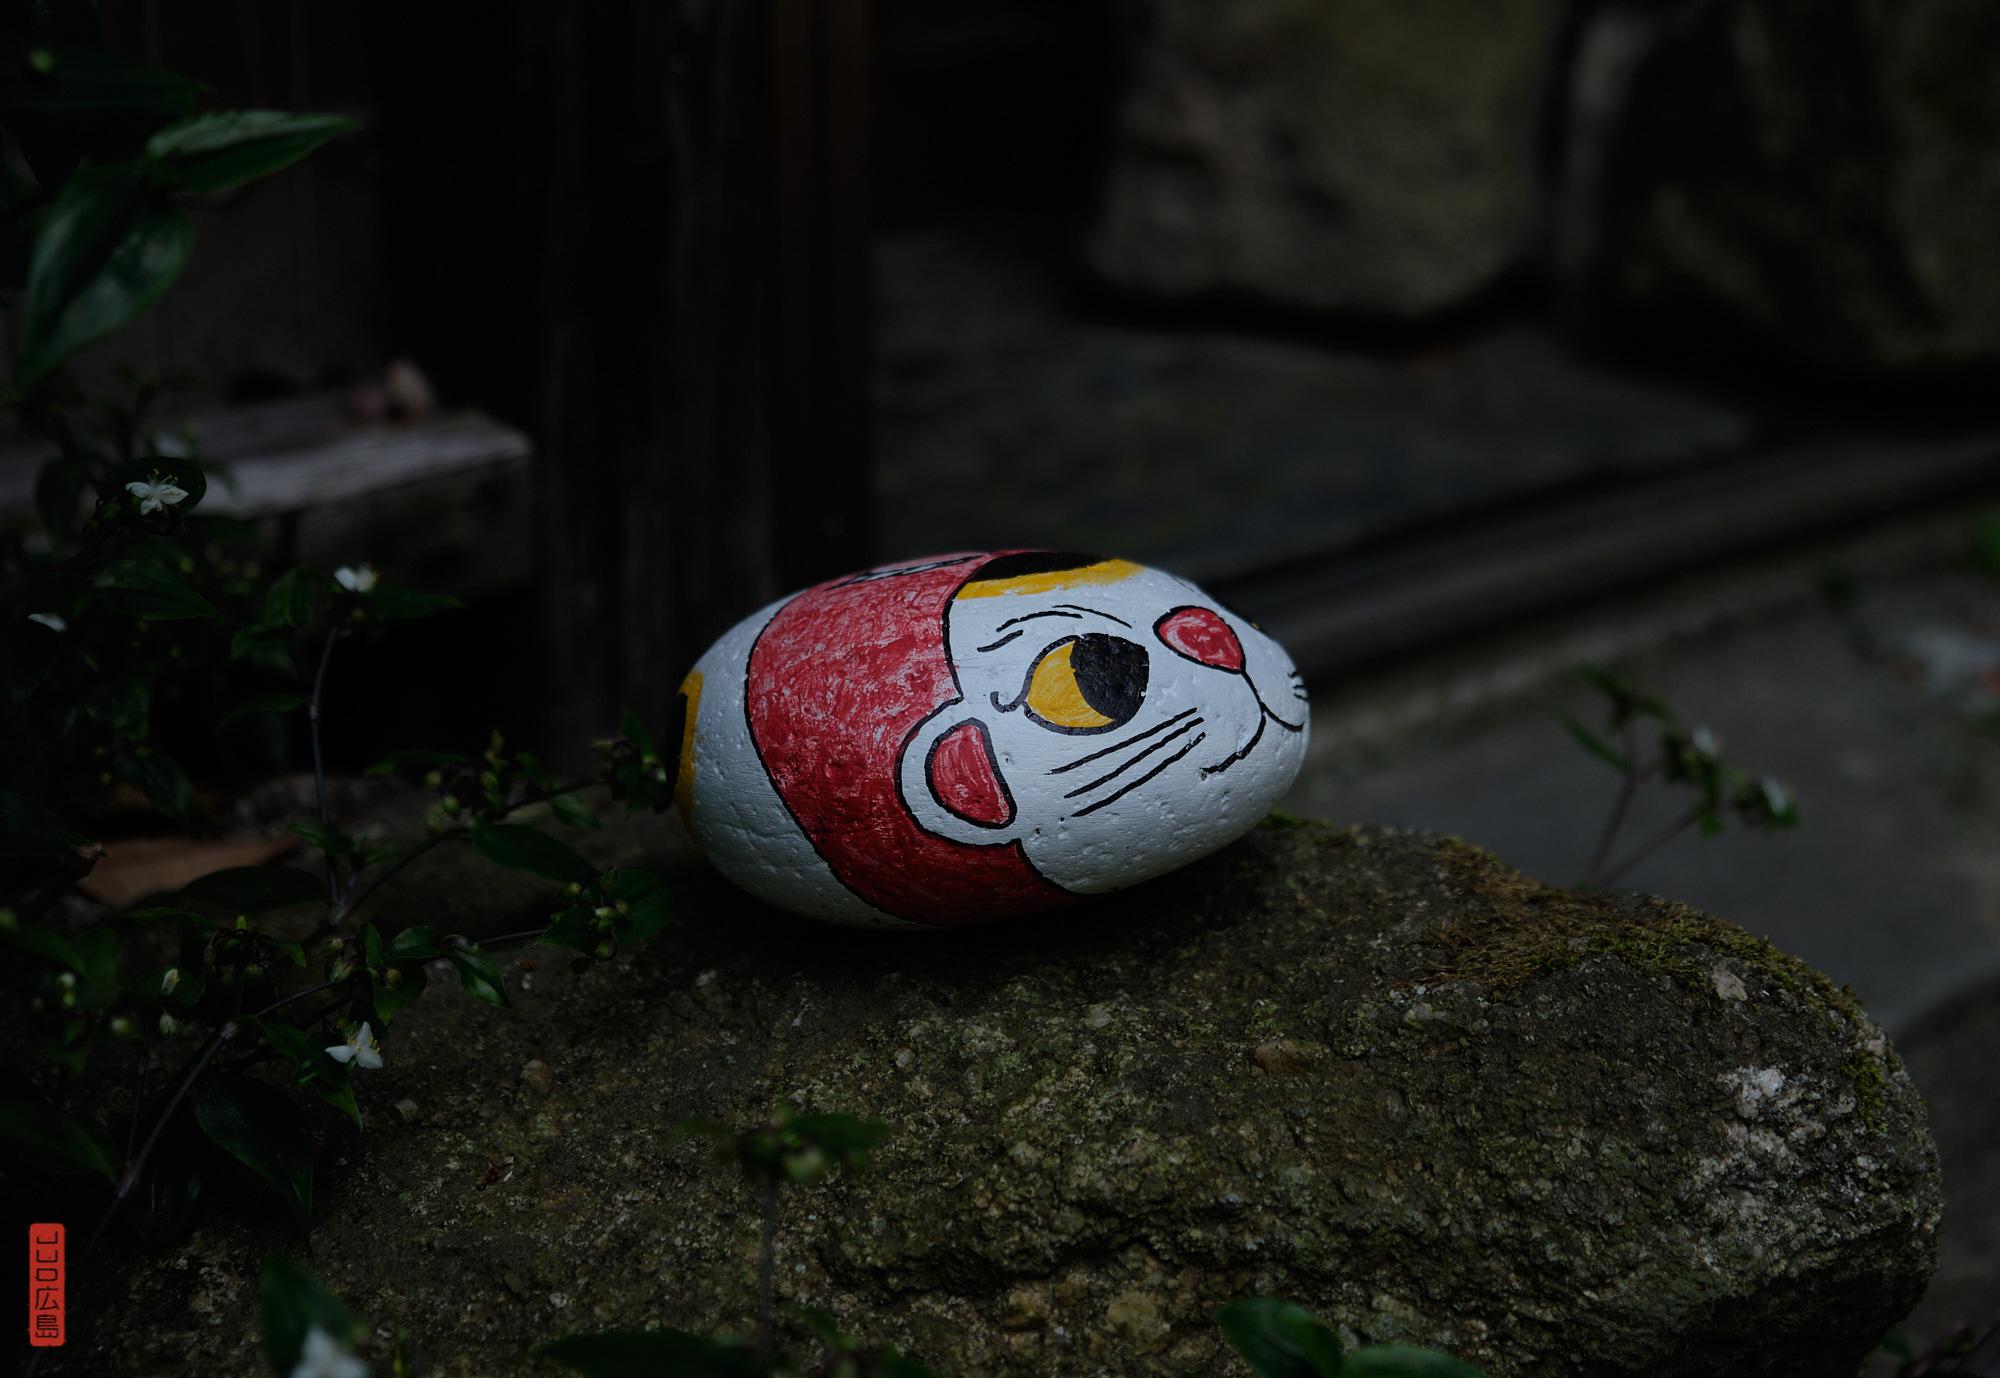 Allée des chats / sloz tourism à Onomichi, Japon